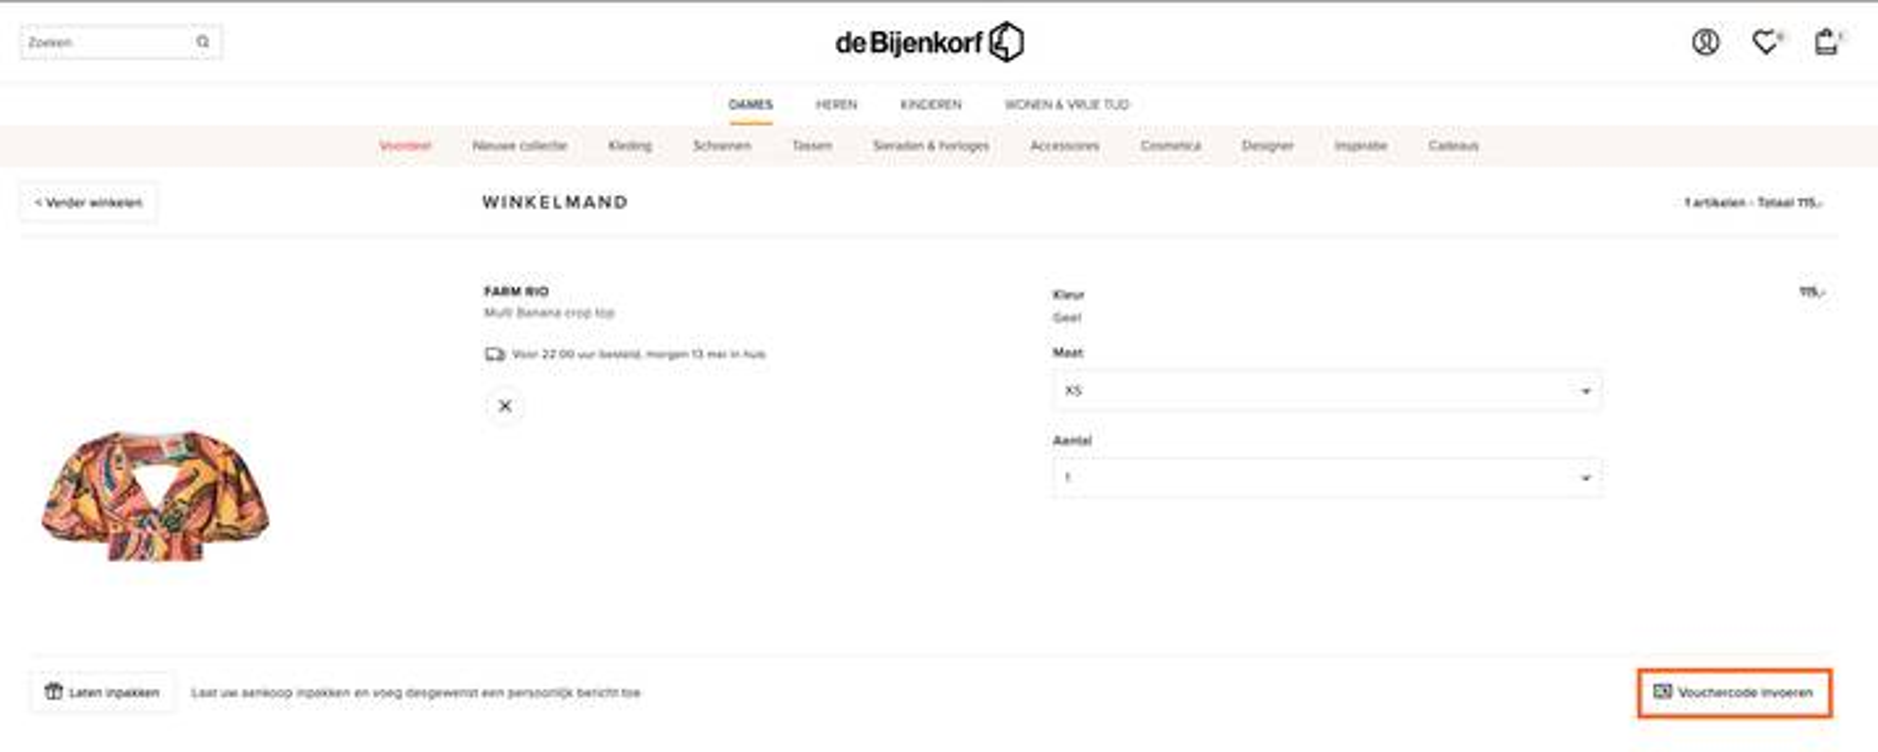 bijenkorf voucher-voucher_redemption-how-to